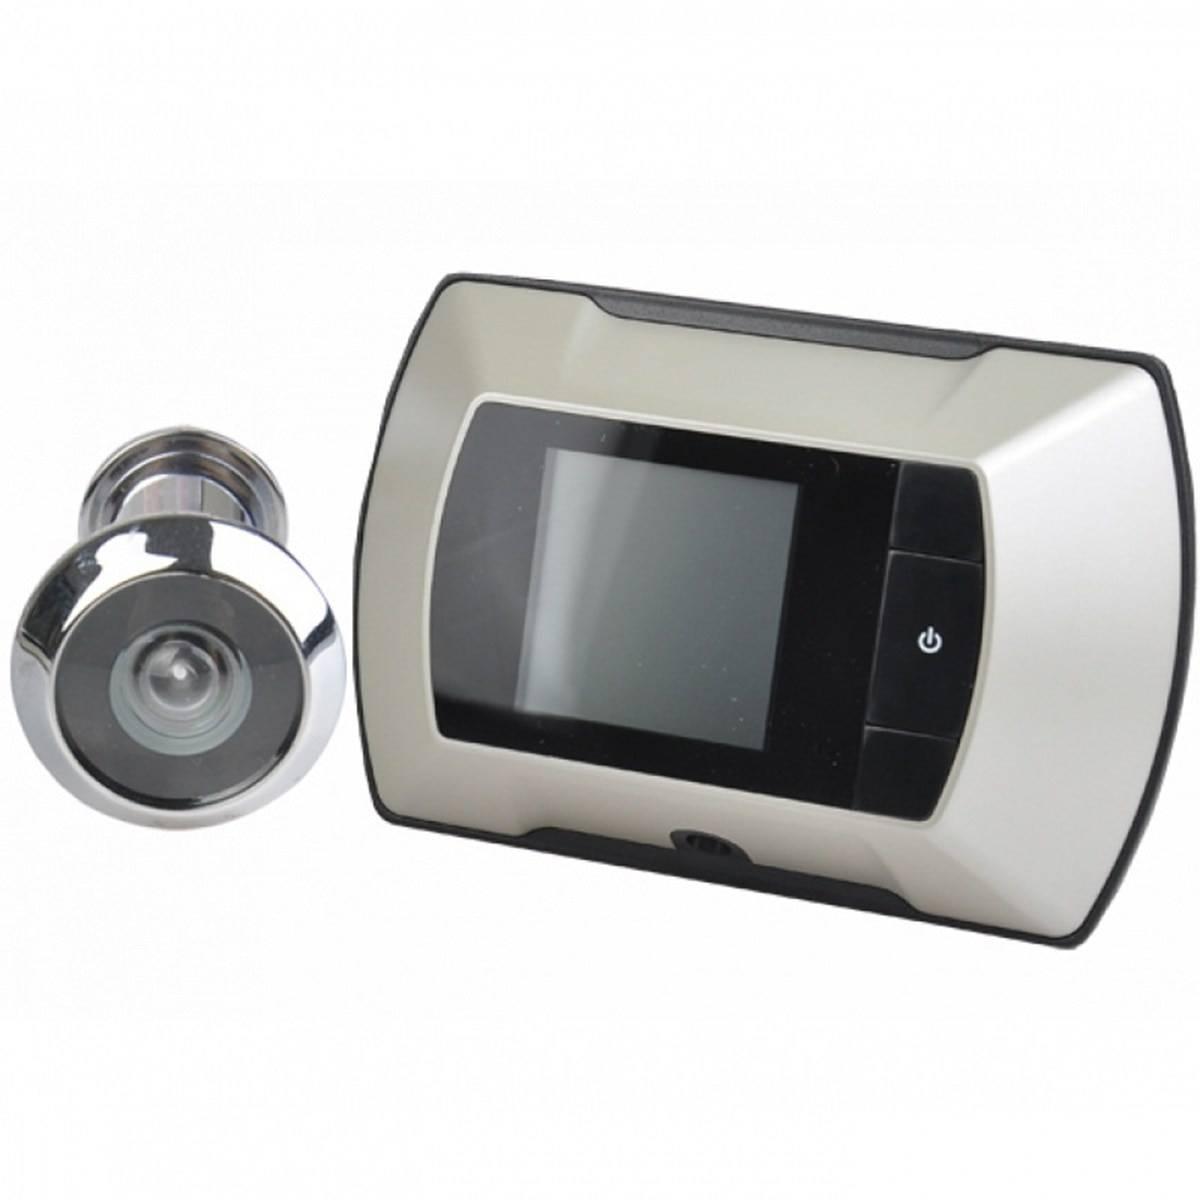 Беспроводной дверной глазок: с камерой, записью, датчиком движения, монитором